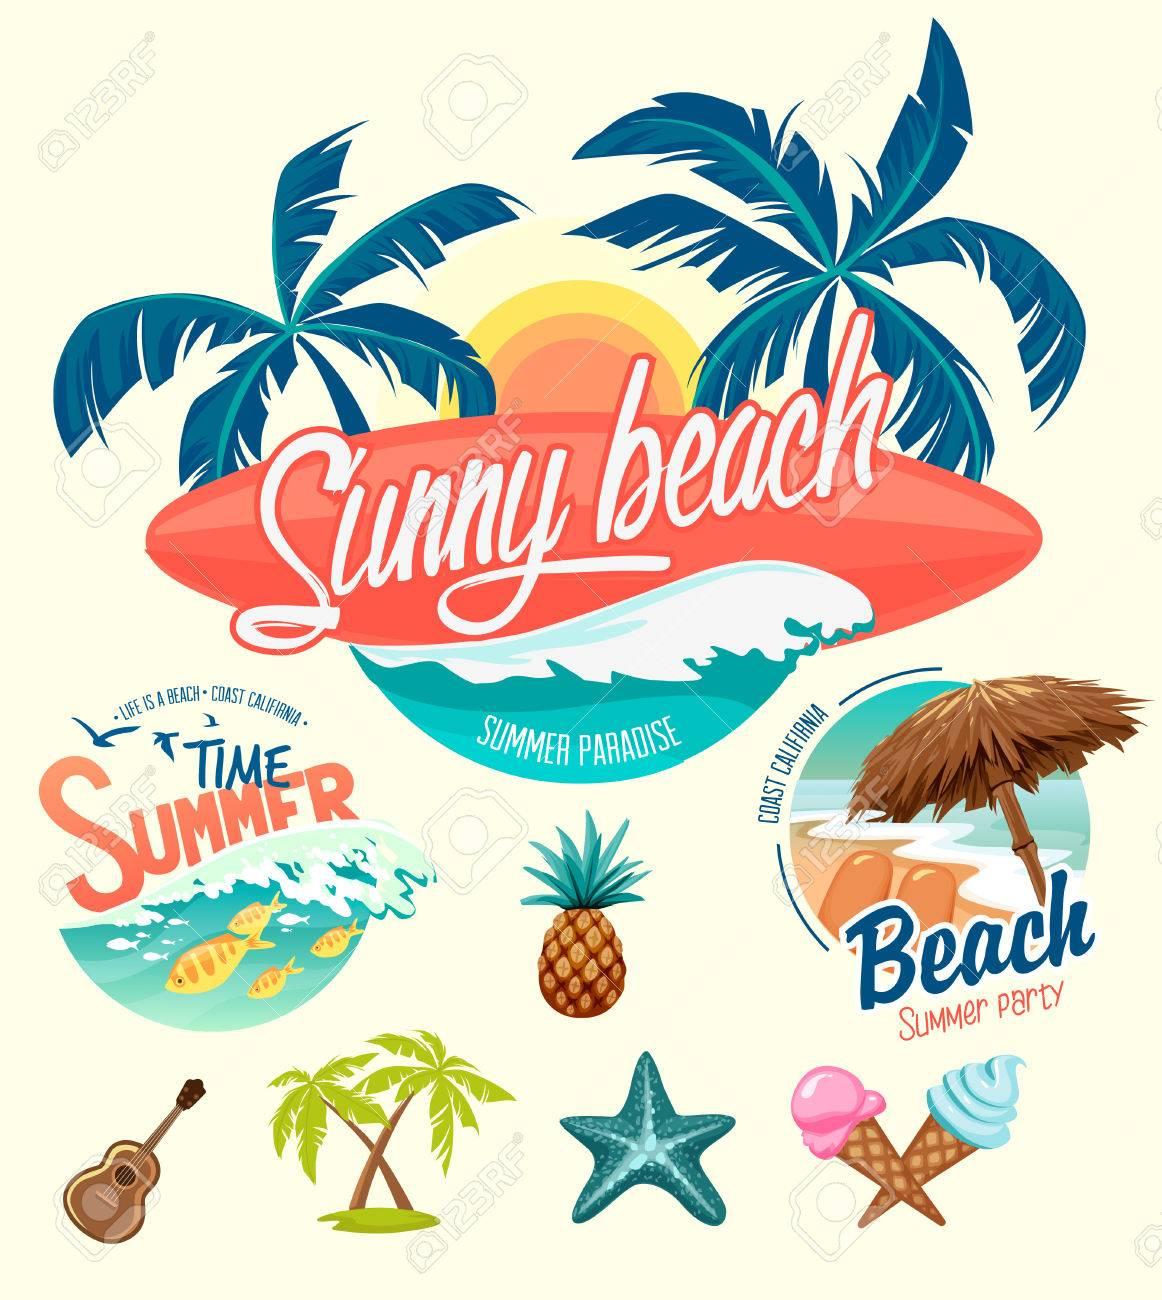 Set of Summer surfing badges and design elements - 55773840